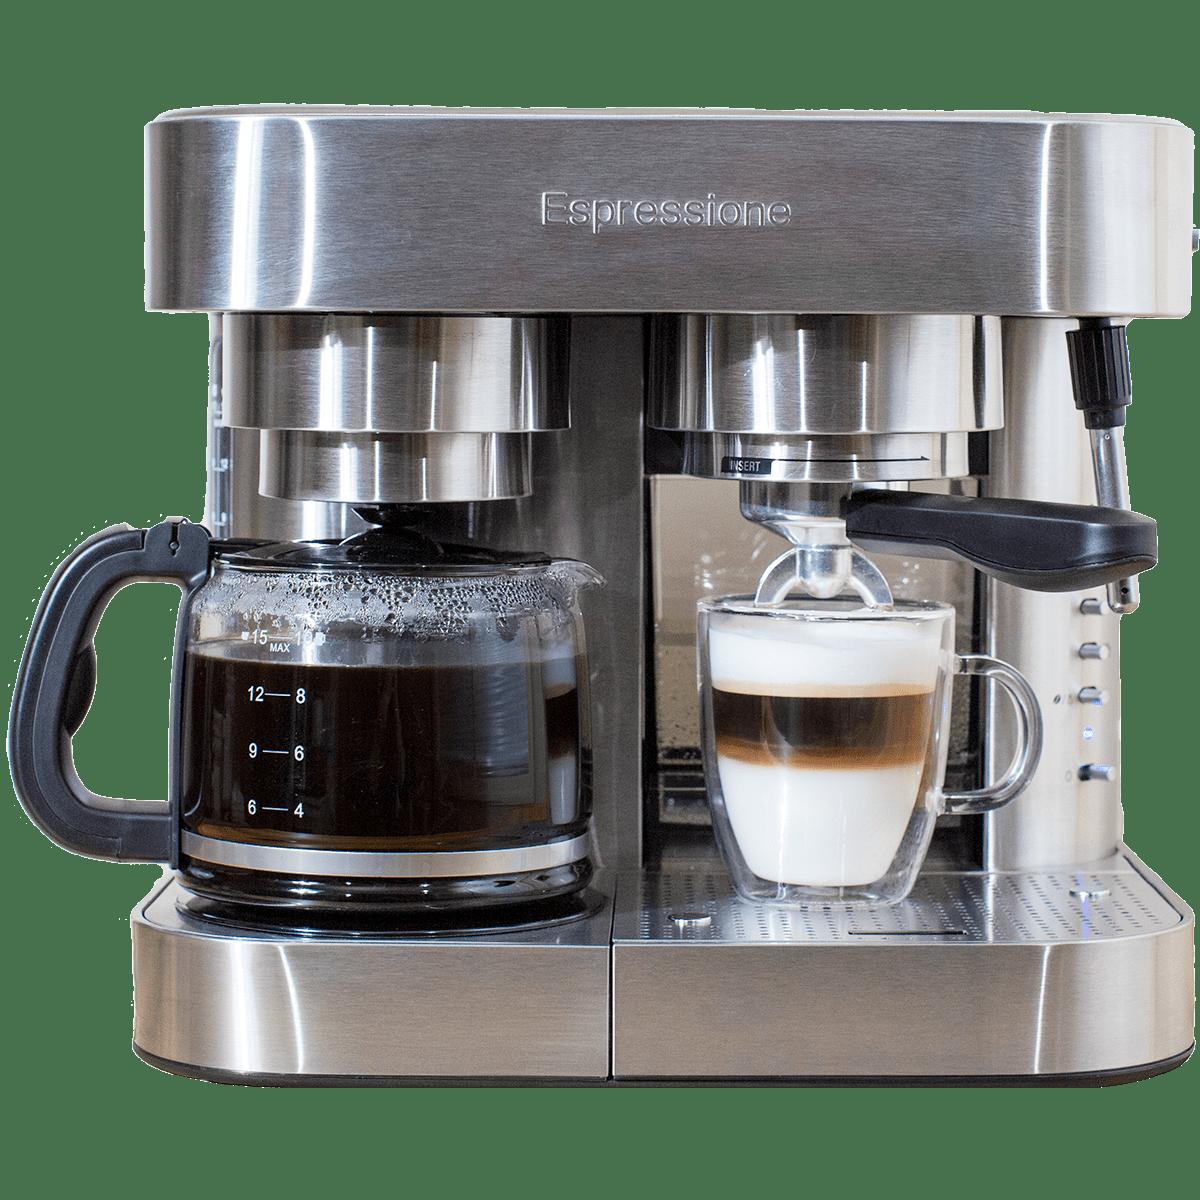 Espressione Em 1040 Stainless Steel Espresso Coffee Maker Quench Essentials